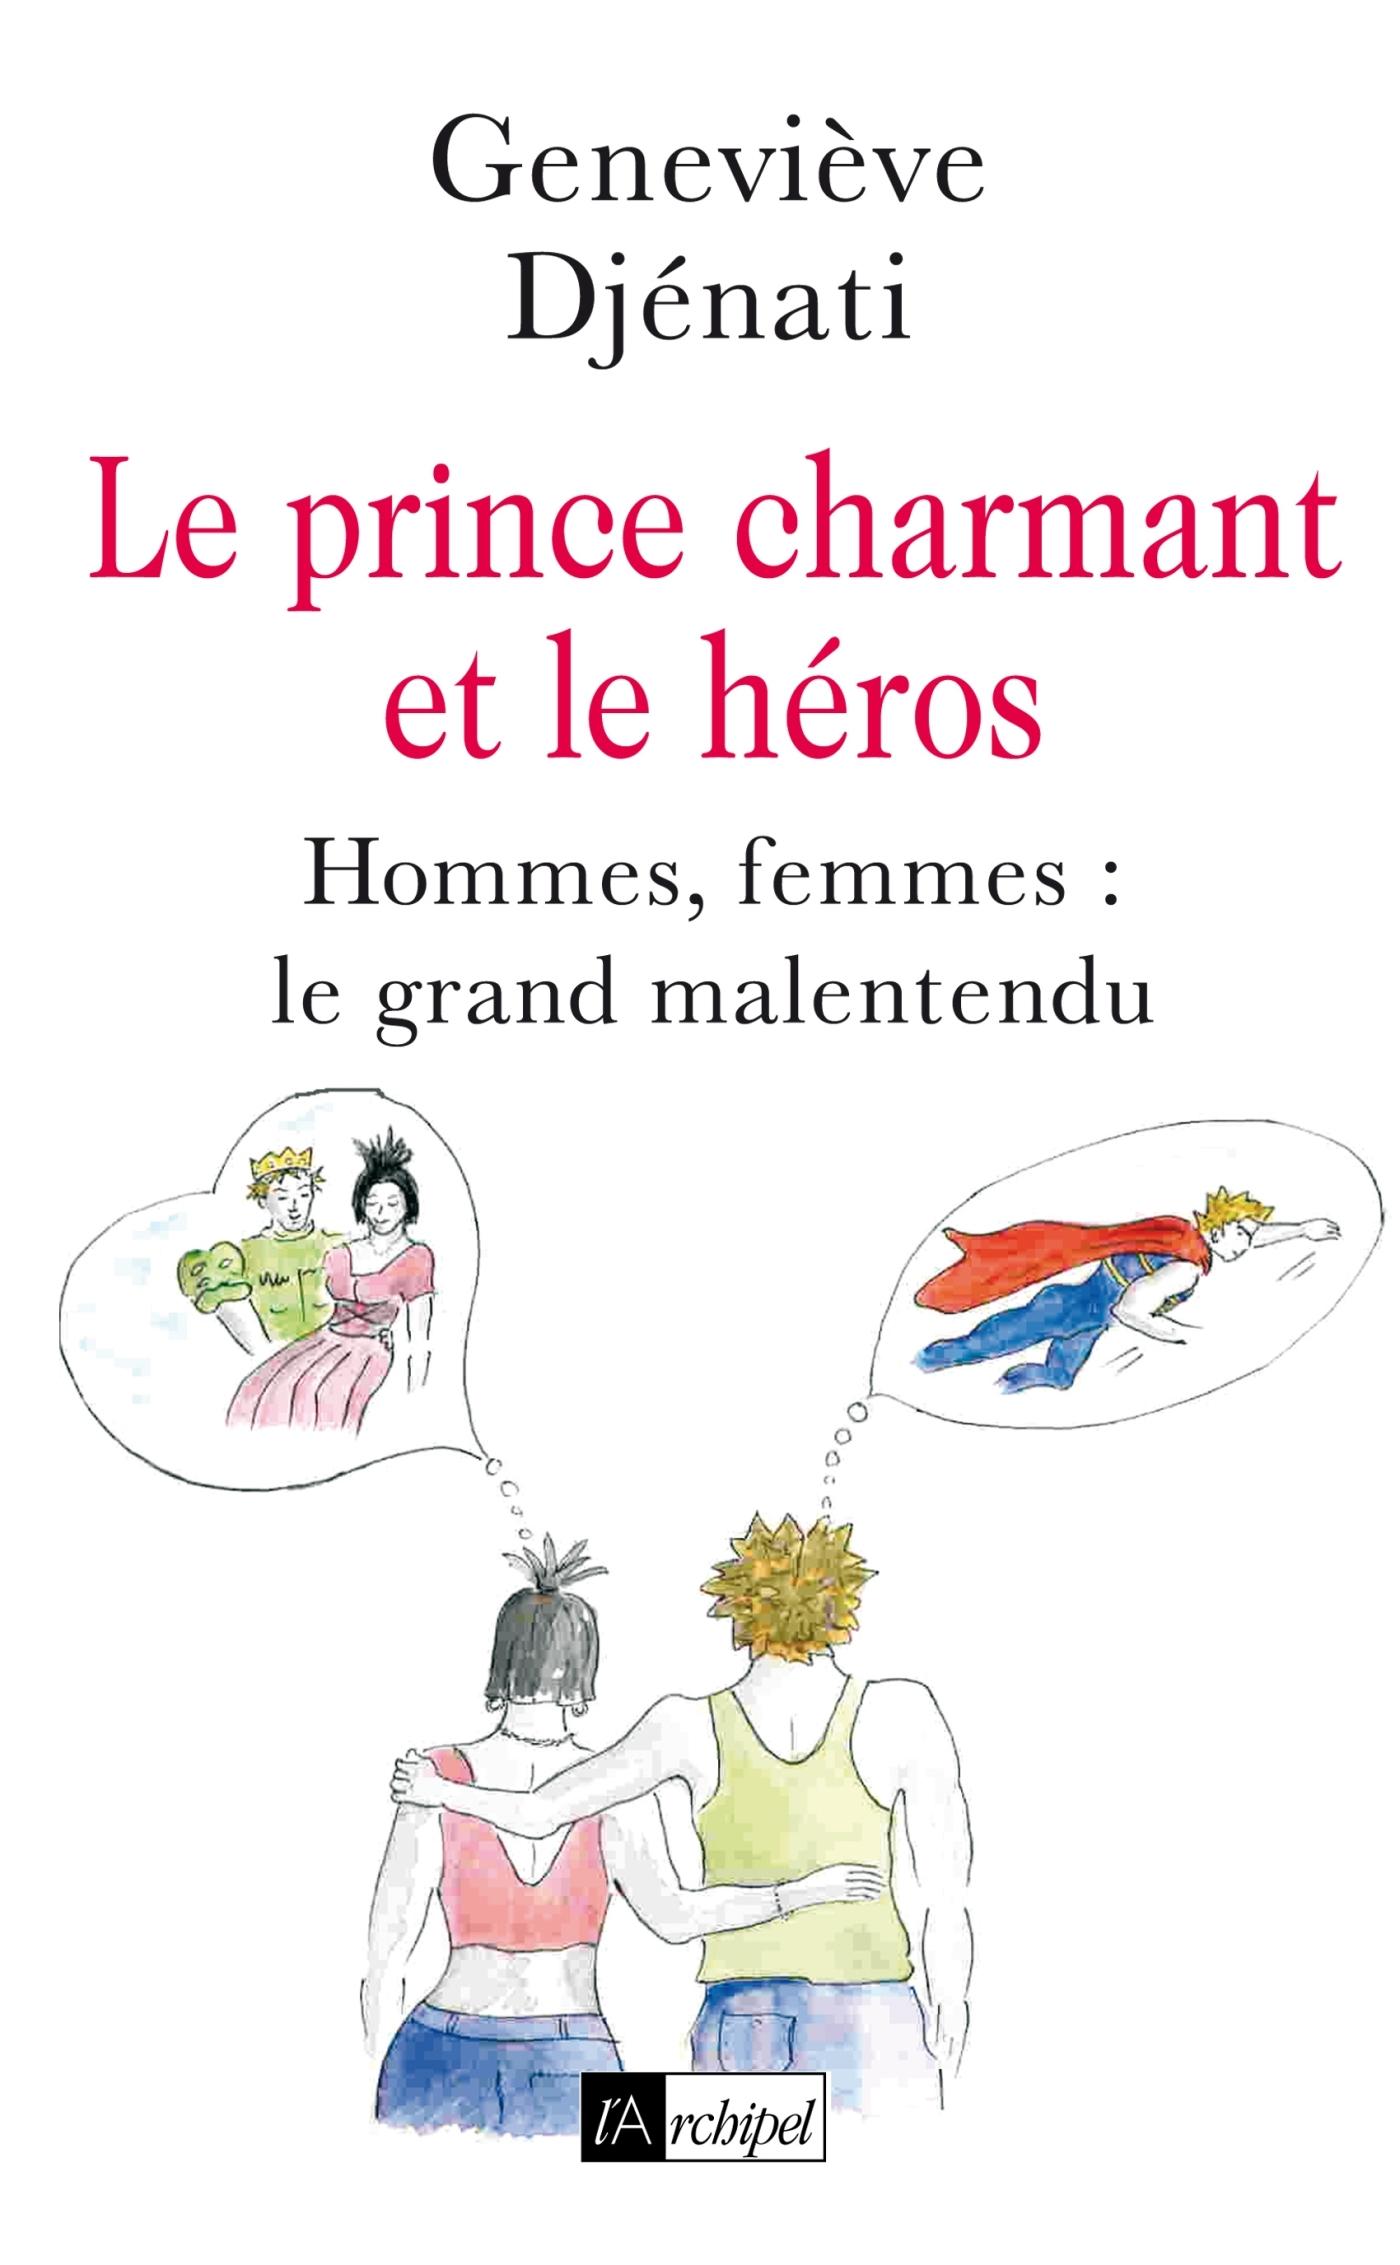 LE PRINCE CHARMANT ET LE HEROS